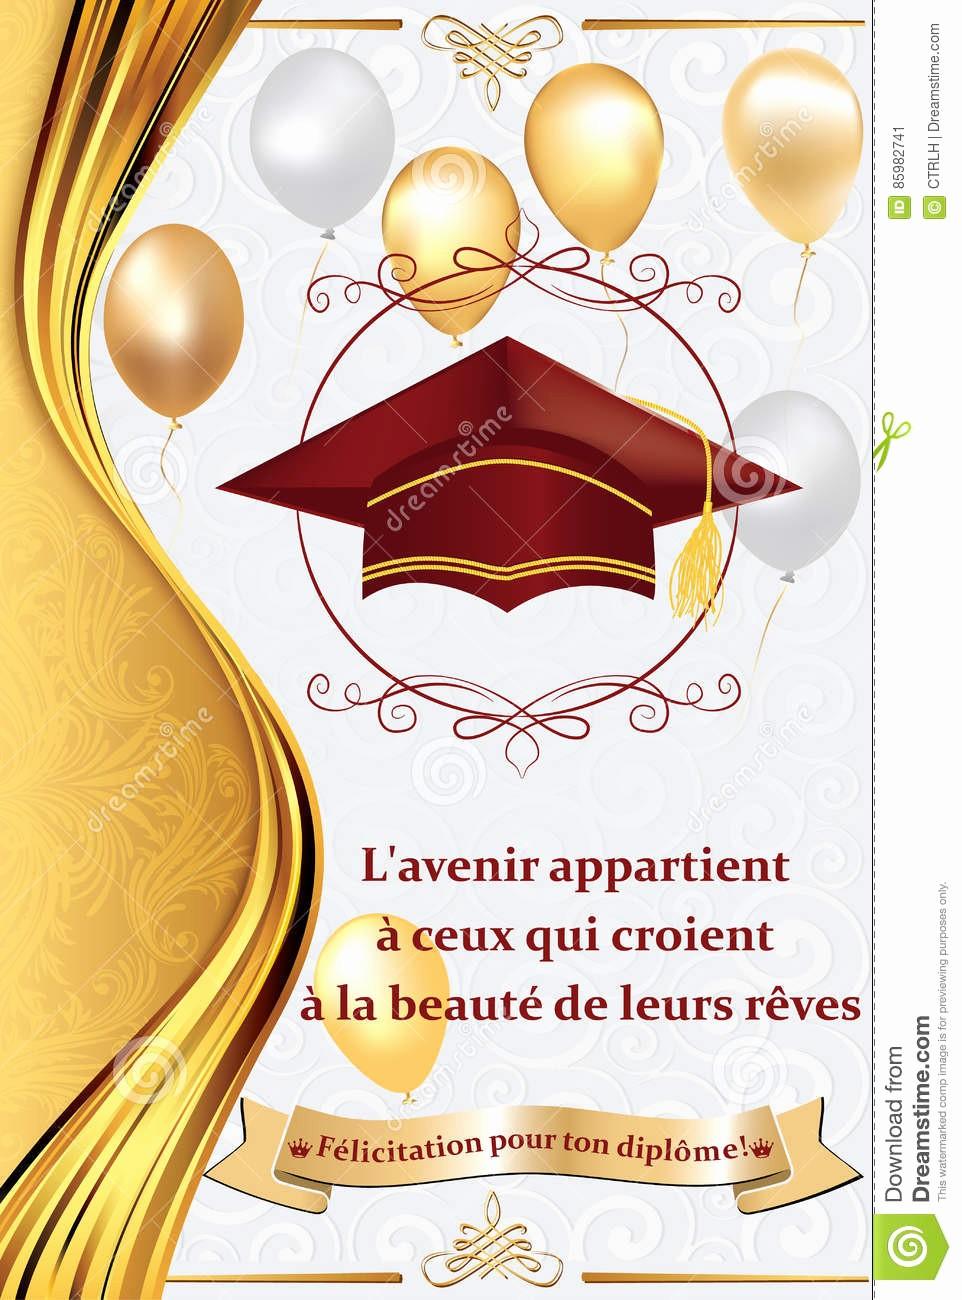 Tarjetas De Felicitaciones Para Graduacion Elegant Tarjeta De Felicitación Francesa De La Graduación También